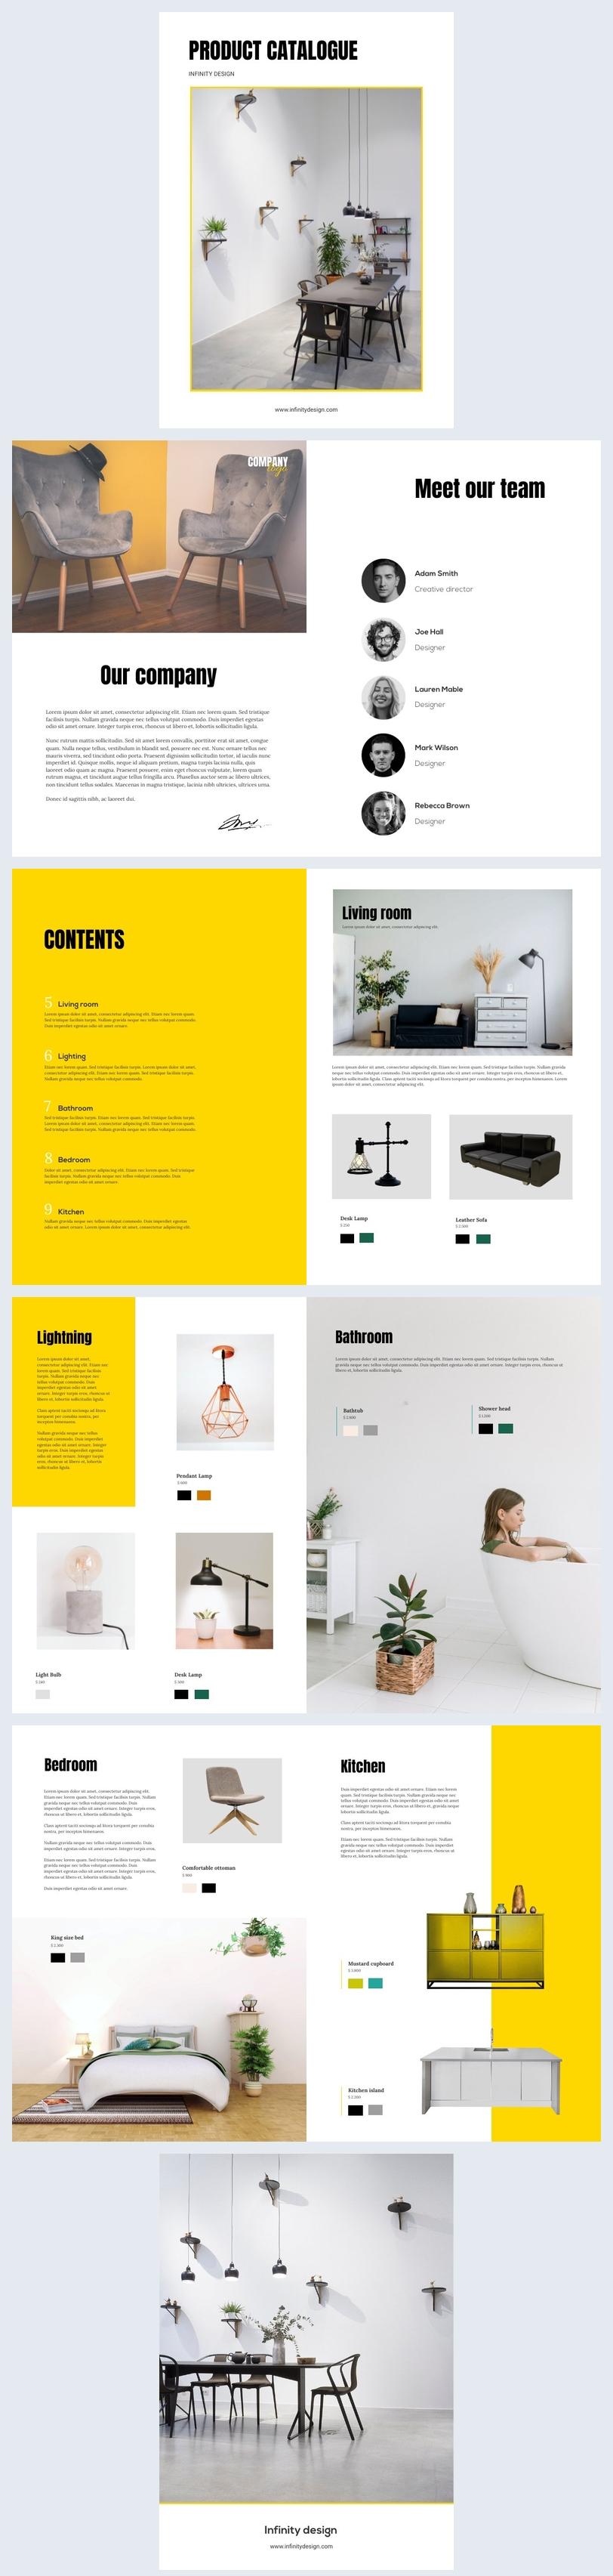 Ideia de Catálogo de Produtos de Design de Interiores